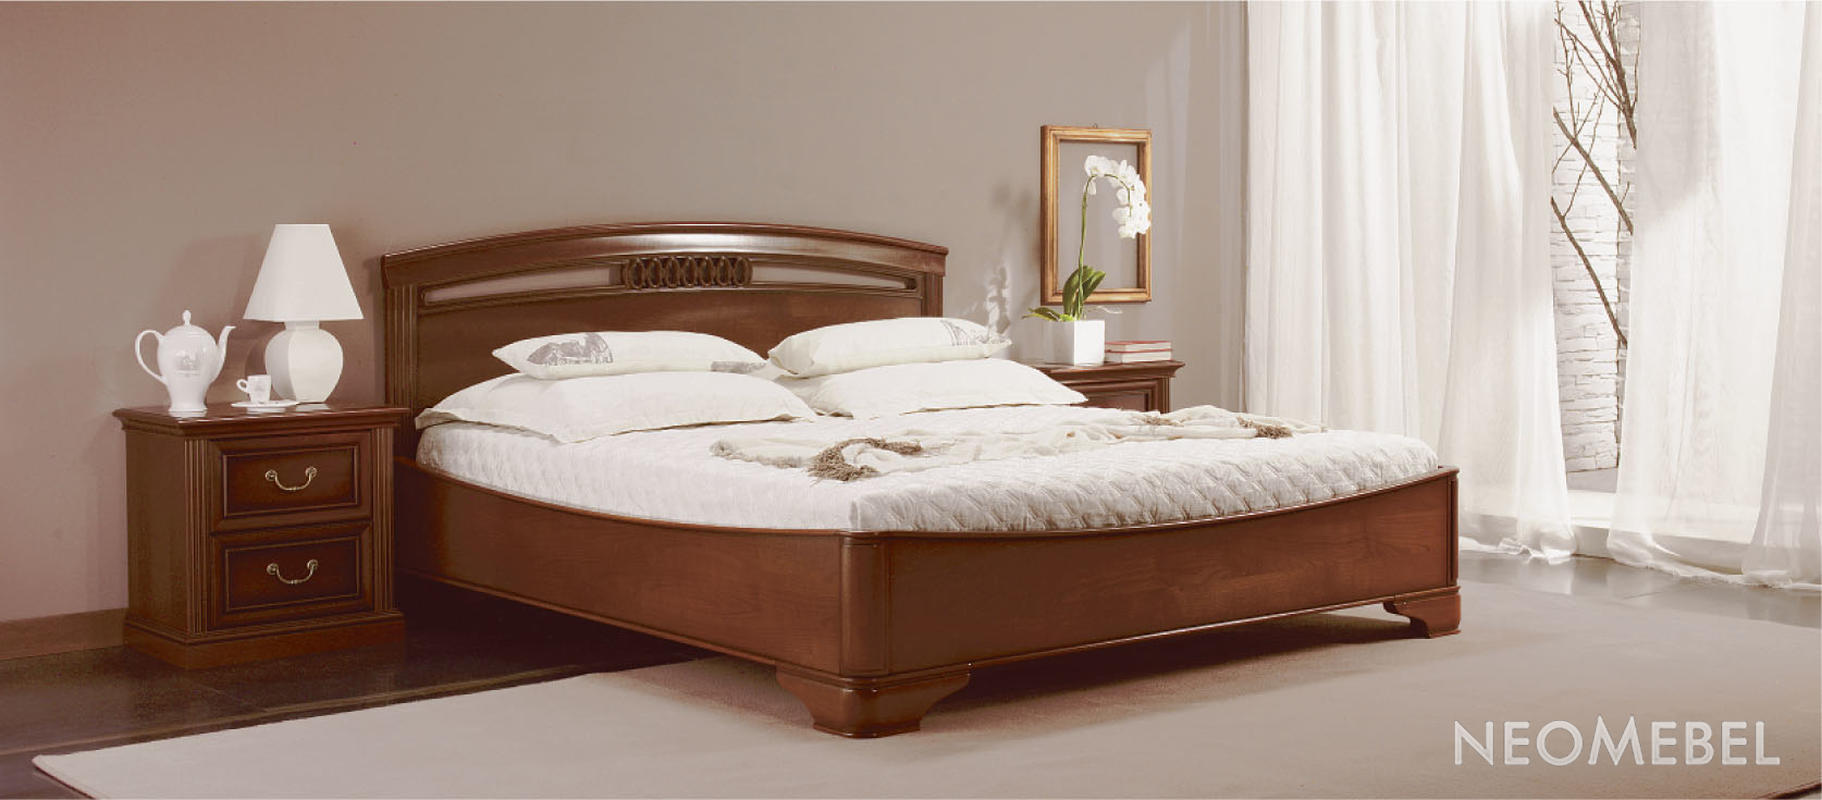 Кровати классические фото